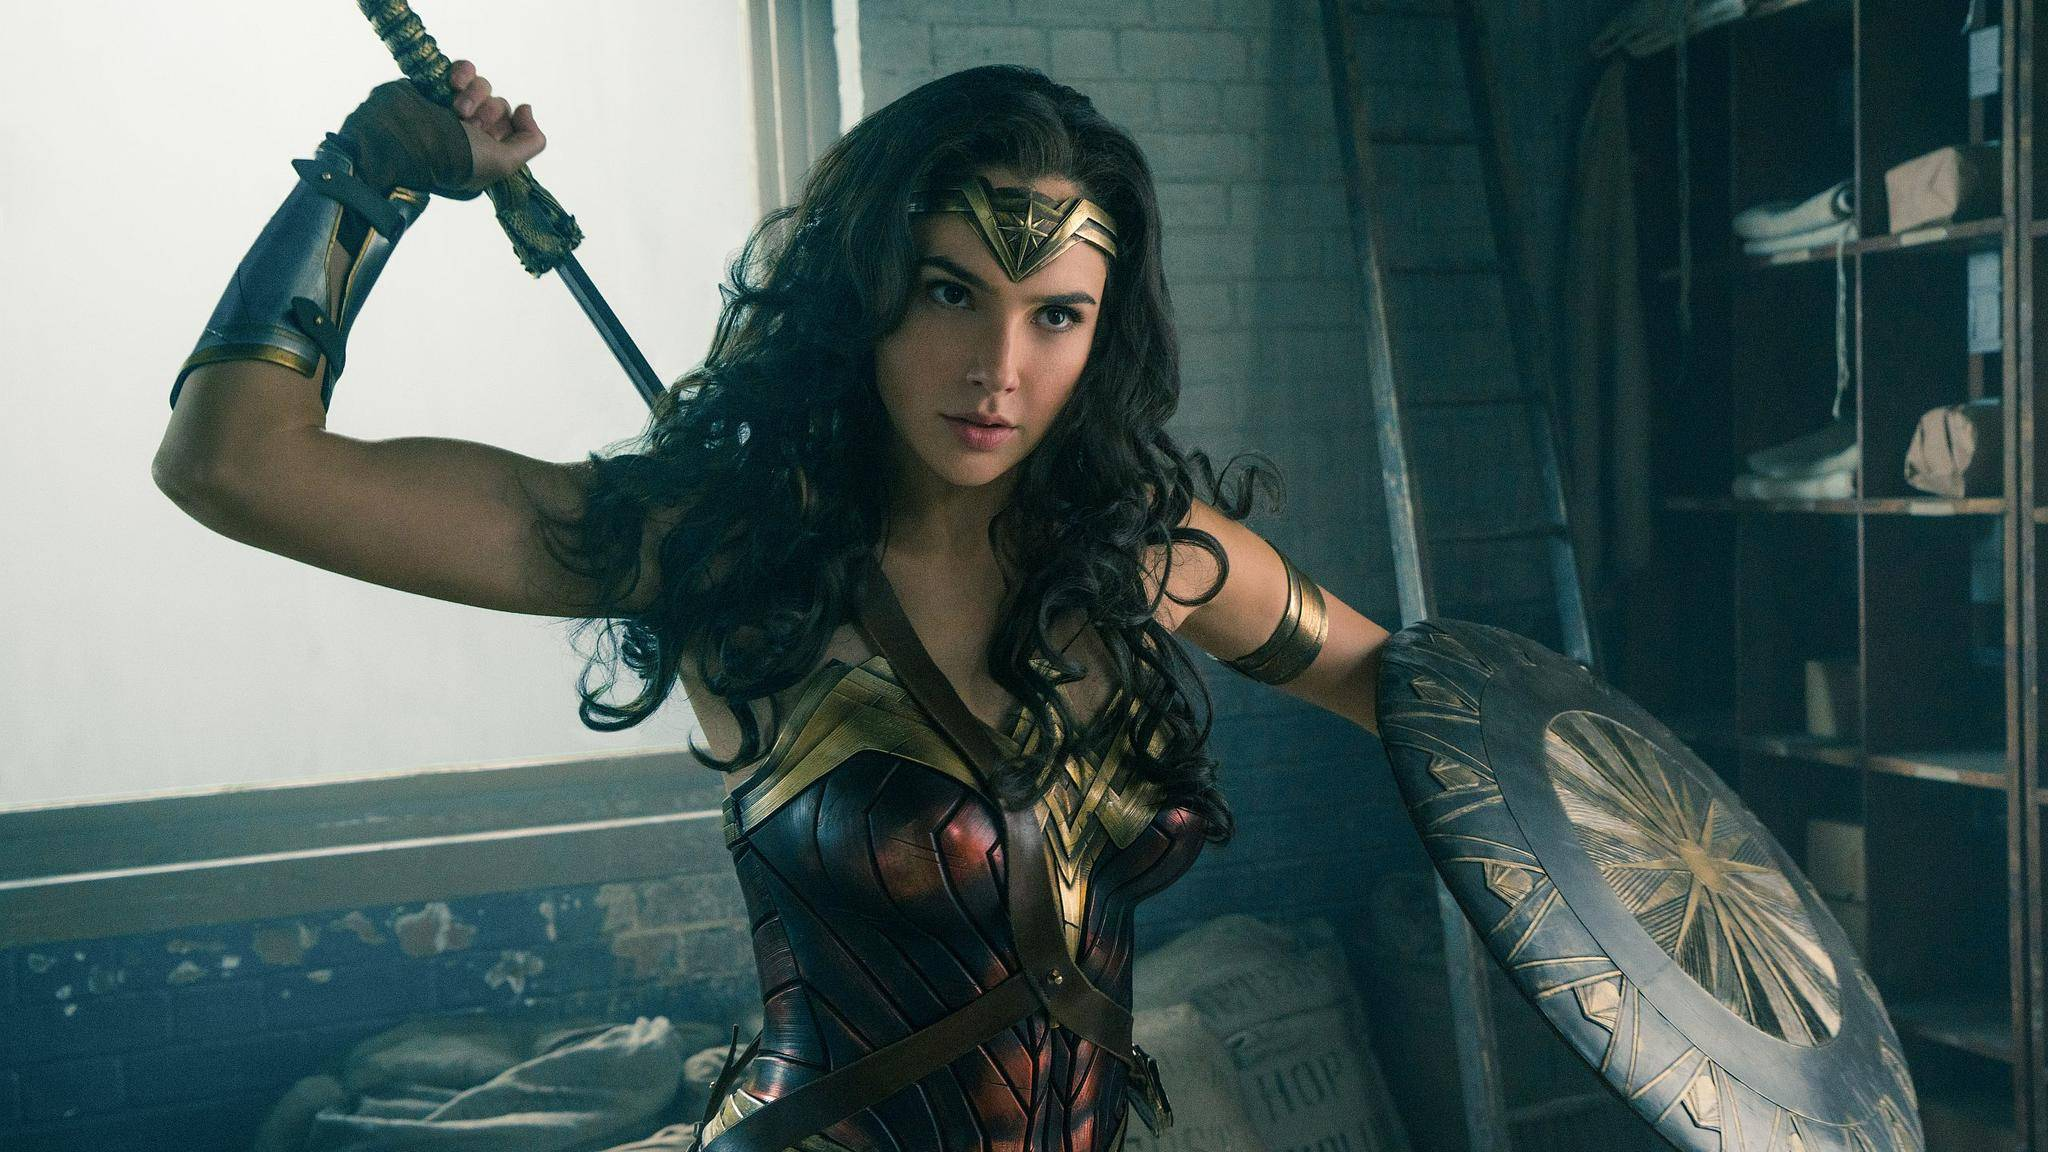 Let's fight: Wonder Woman (Gal Gadot) legt in Kürze auf der großen Leinwand los.